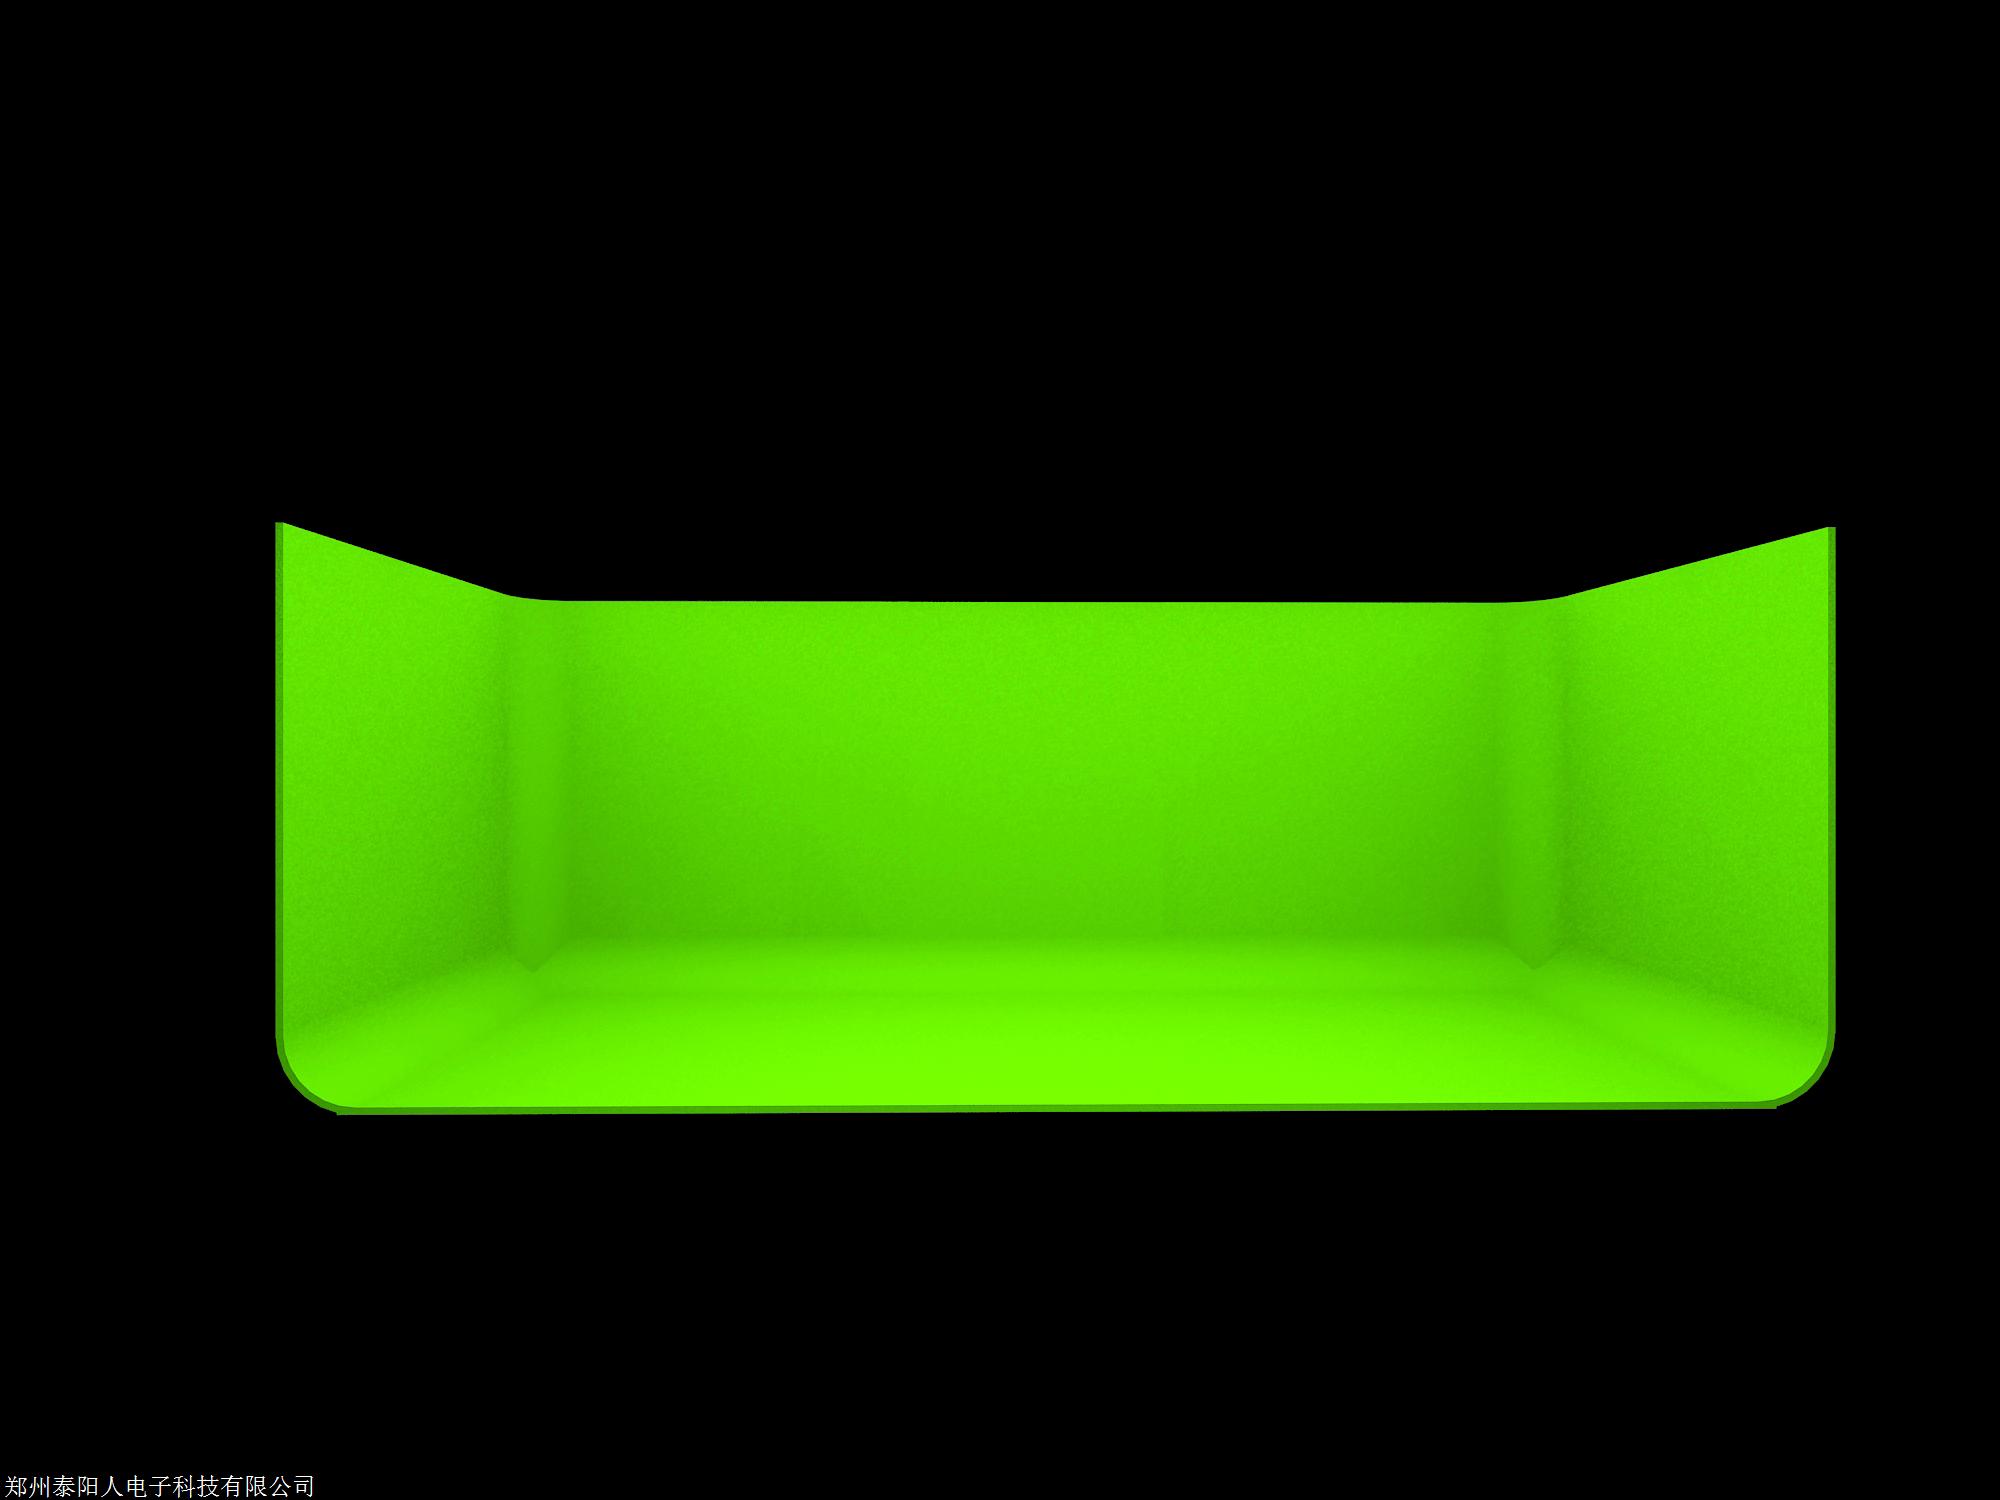 虚拟演播室抠像蓝绿箱方案(图4)